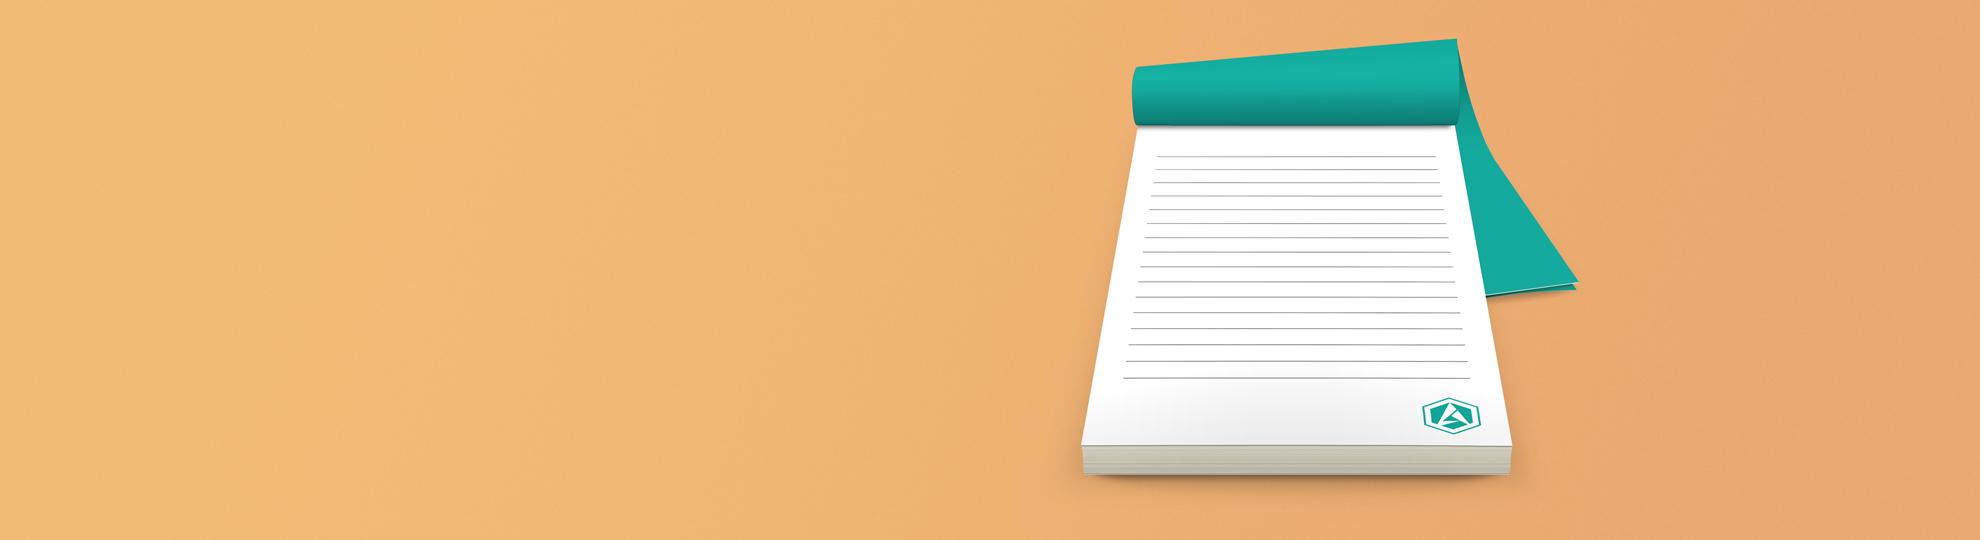 Impression bloc-note personnalisé entreprise